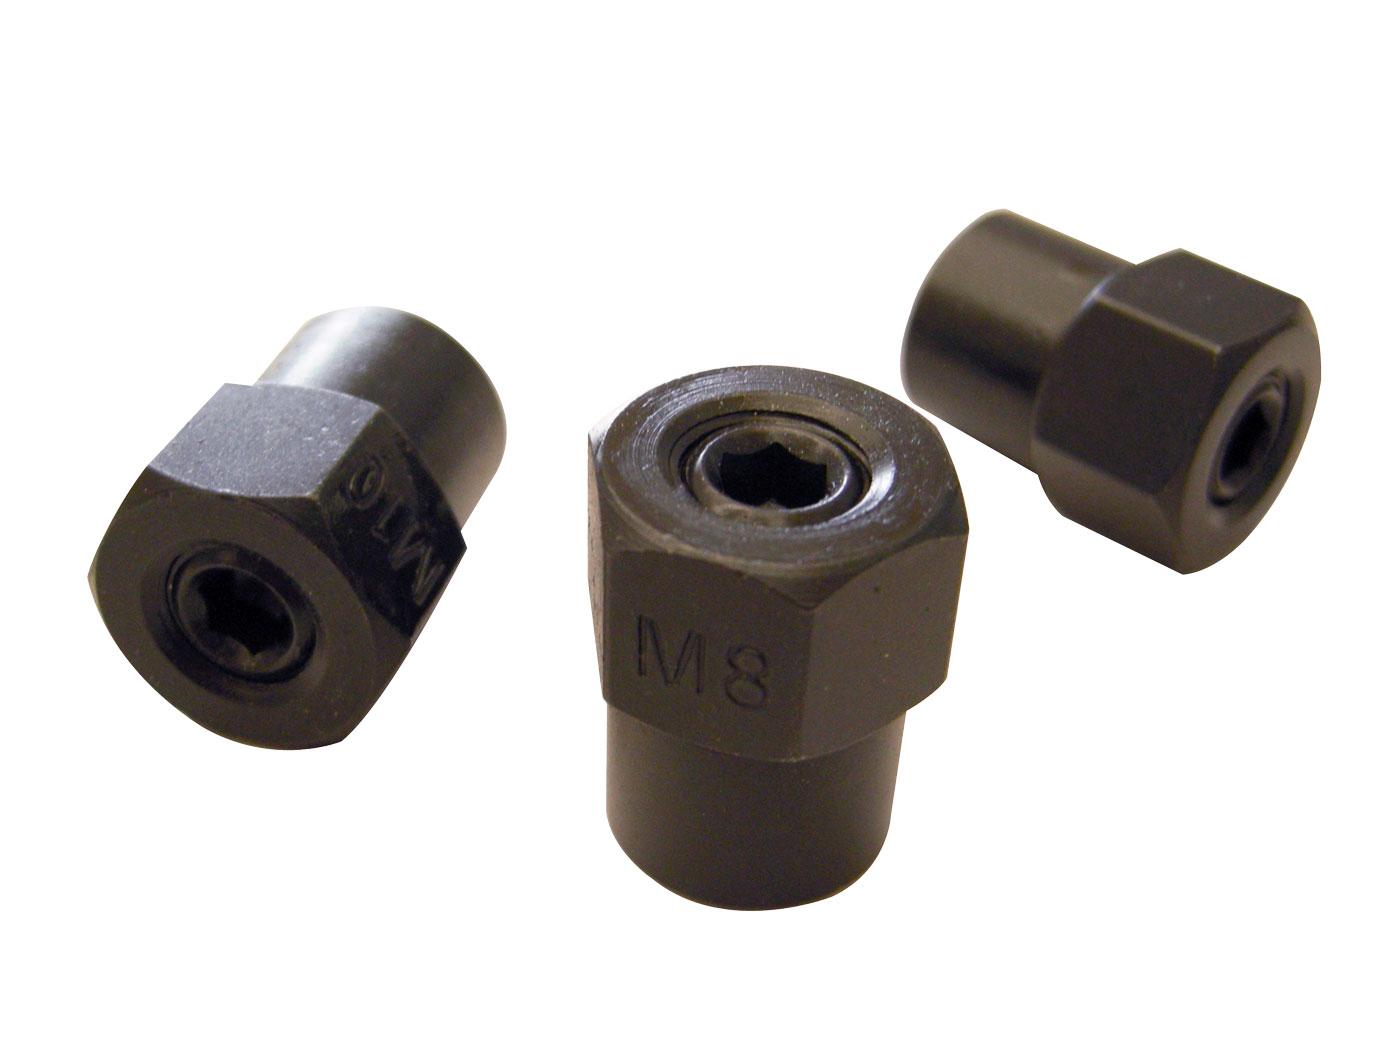 Stehbolzen Montagewerkzeug Set Buzzetti M6, M8, M10x1,25